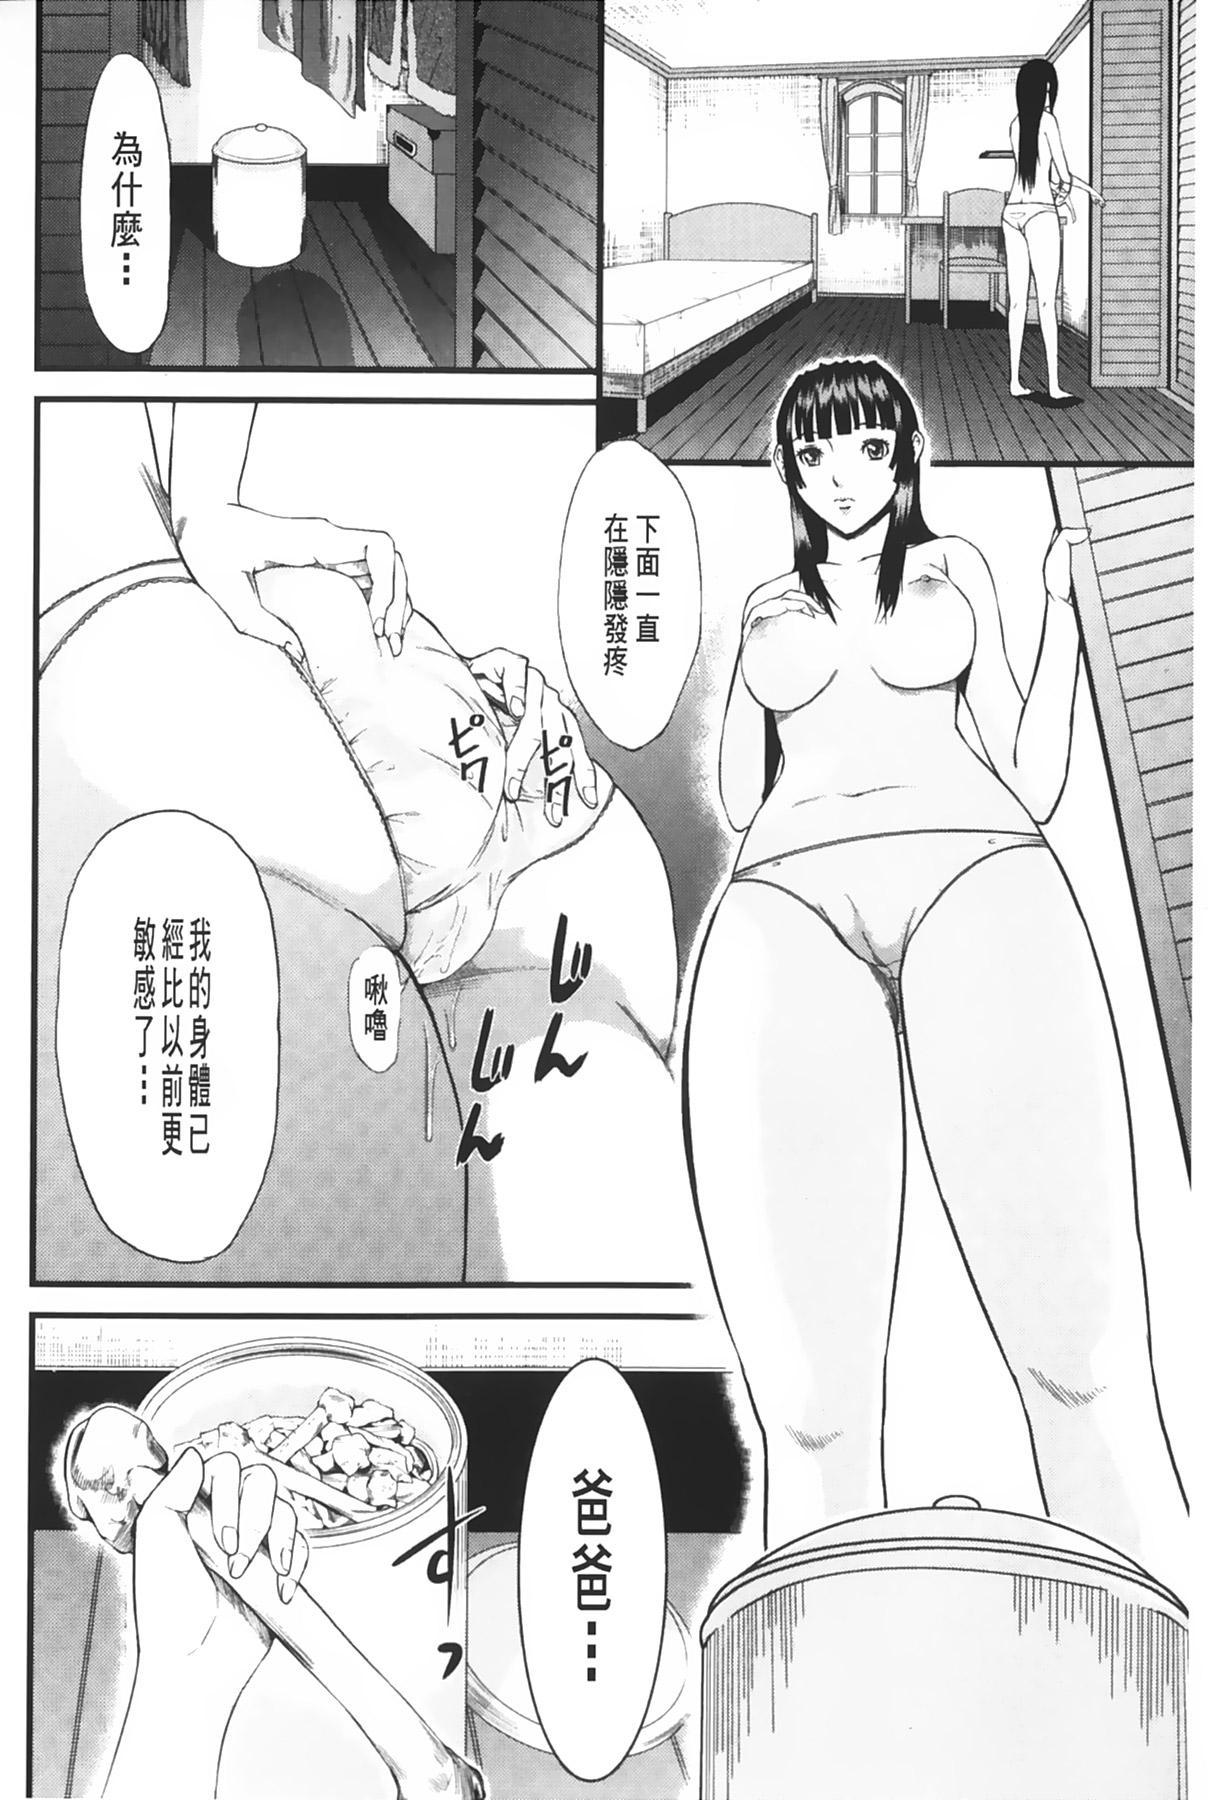 [Honebuto Danshaku] Onna Jigoku Niku no Tsubo~Hentai Rui Inran Ka Mesu Buta Ichidaiki~ | 女地獄、肉之壺 ~変態類淫乱科淫母豬一代記~ [Chinese] 204